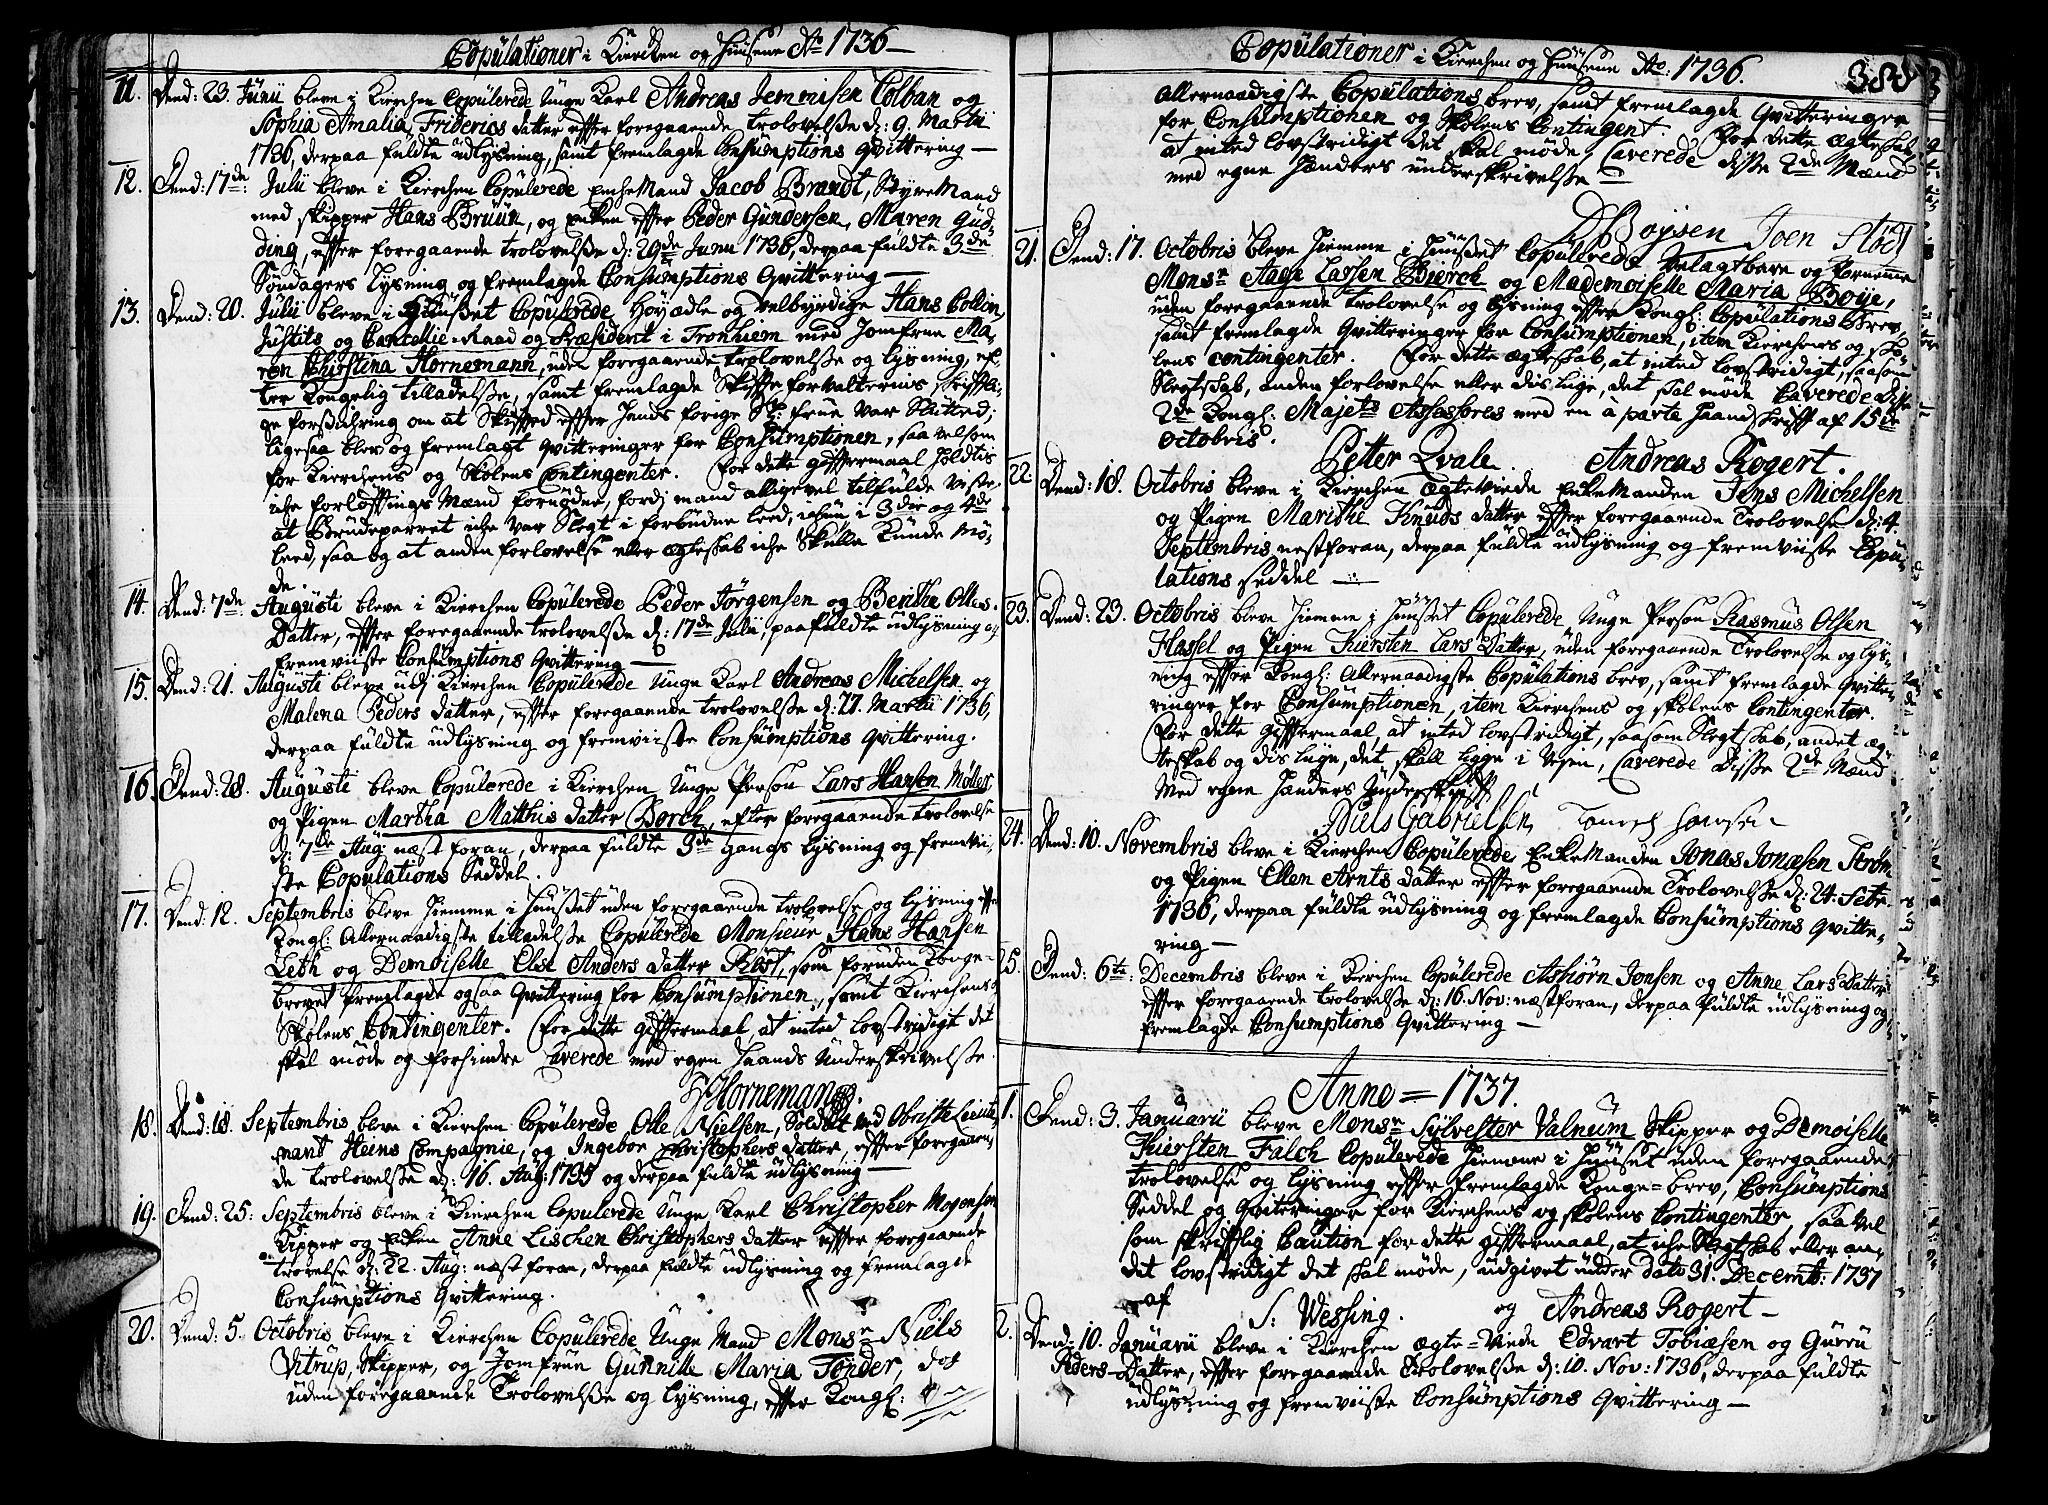 SAT, Ministerialprotokoller, klokkerbøker og fødselsregistre - Sør-Trøndelag, 602/L0103: Ministerialbok nr. 602A01, 1732-1774, s. 388